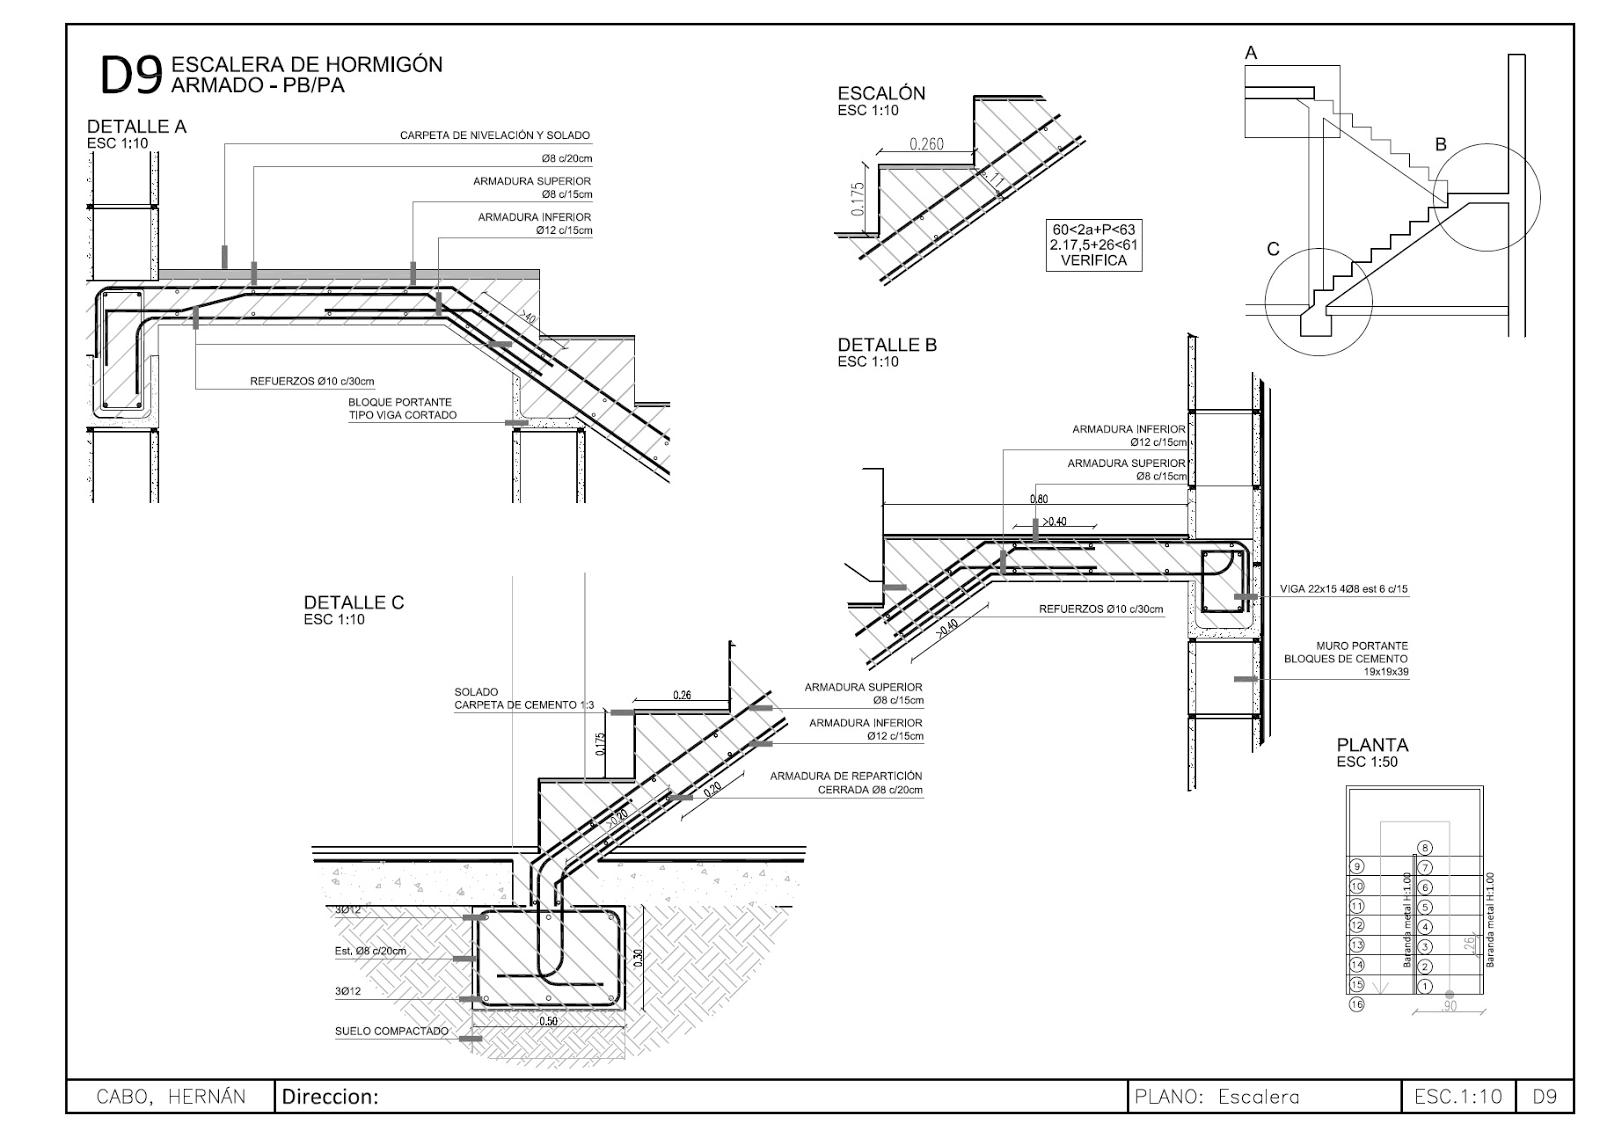 Plano escalera el oficial for Planos estructurales de piscinas